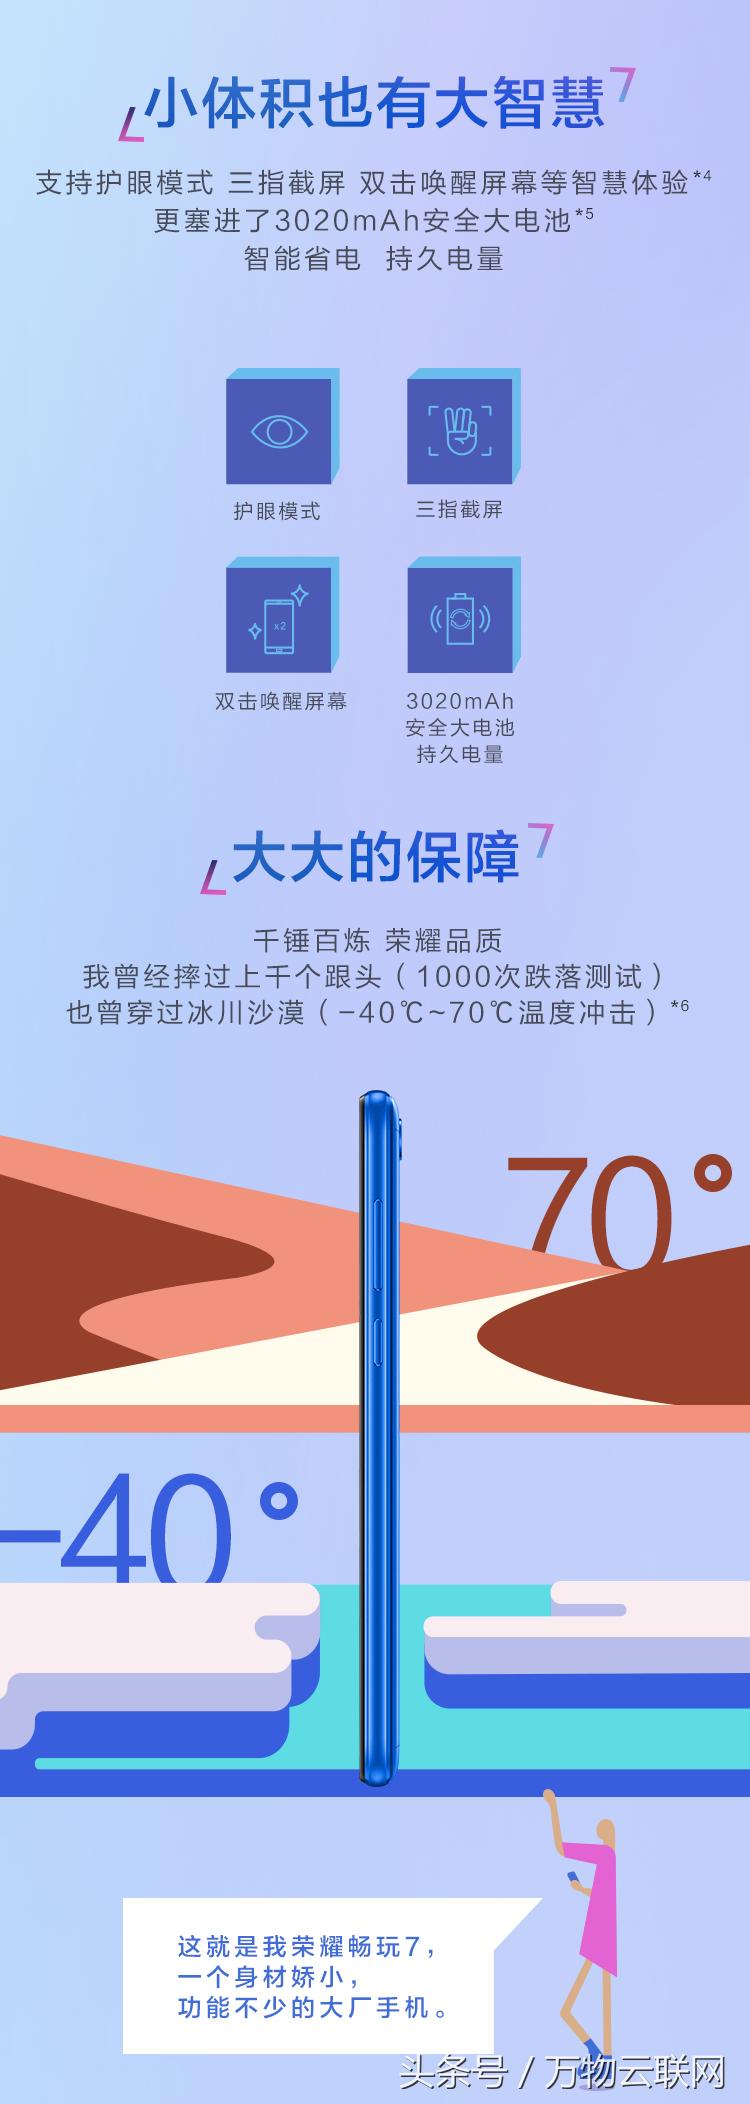 华为公司荣耀畅玩7公布:18:9的显示器,十分便宜的价钱599元中国人民币